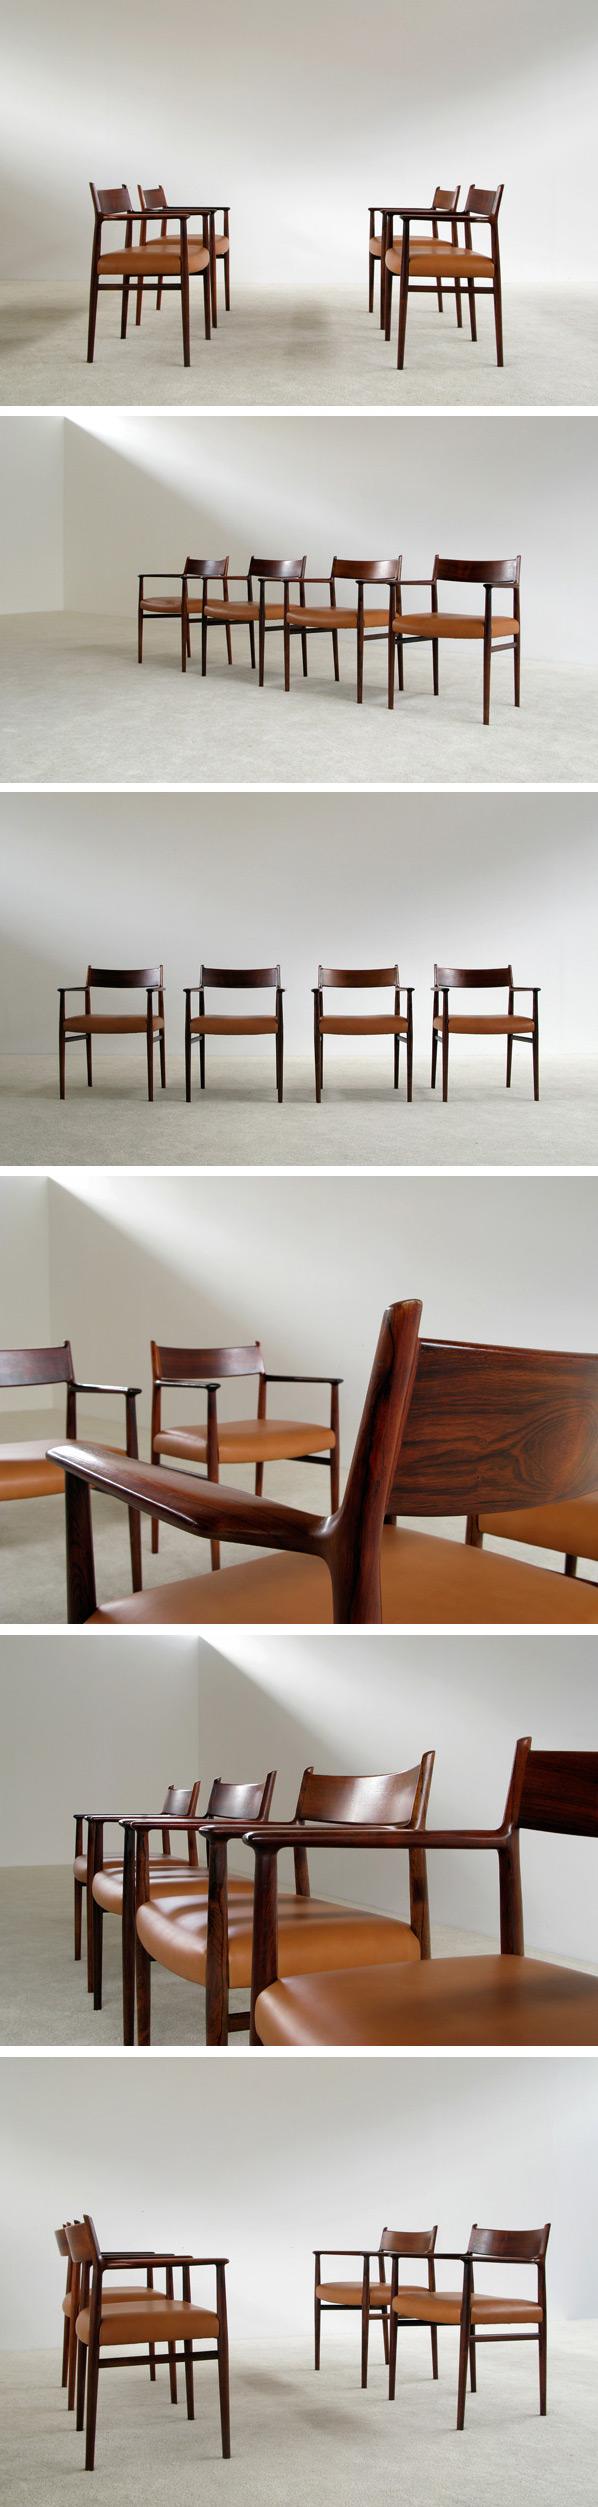 4 Arne Vodder Dinning chairs Sibast Mobler Large